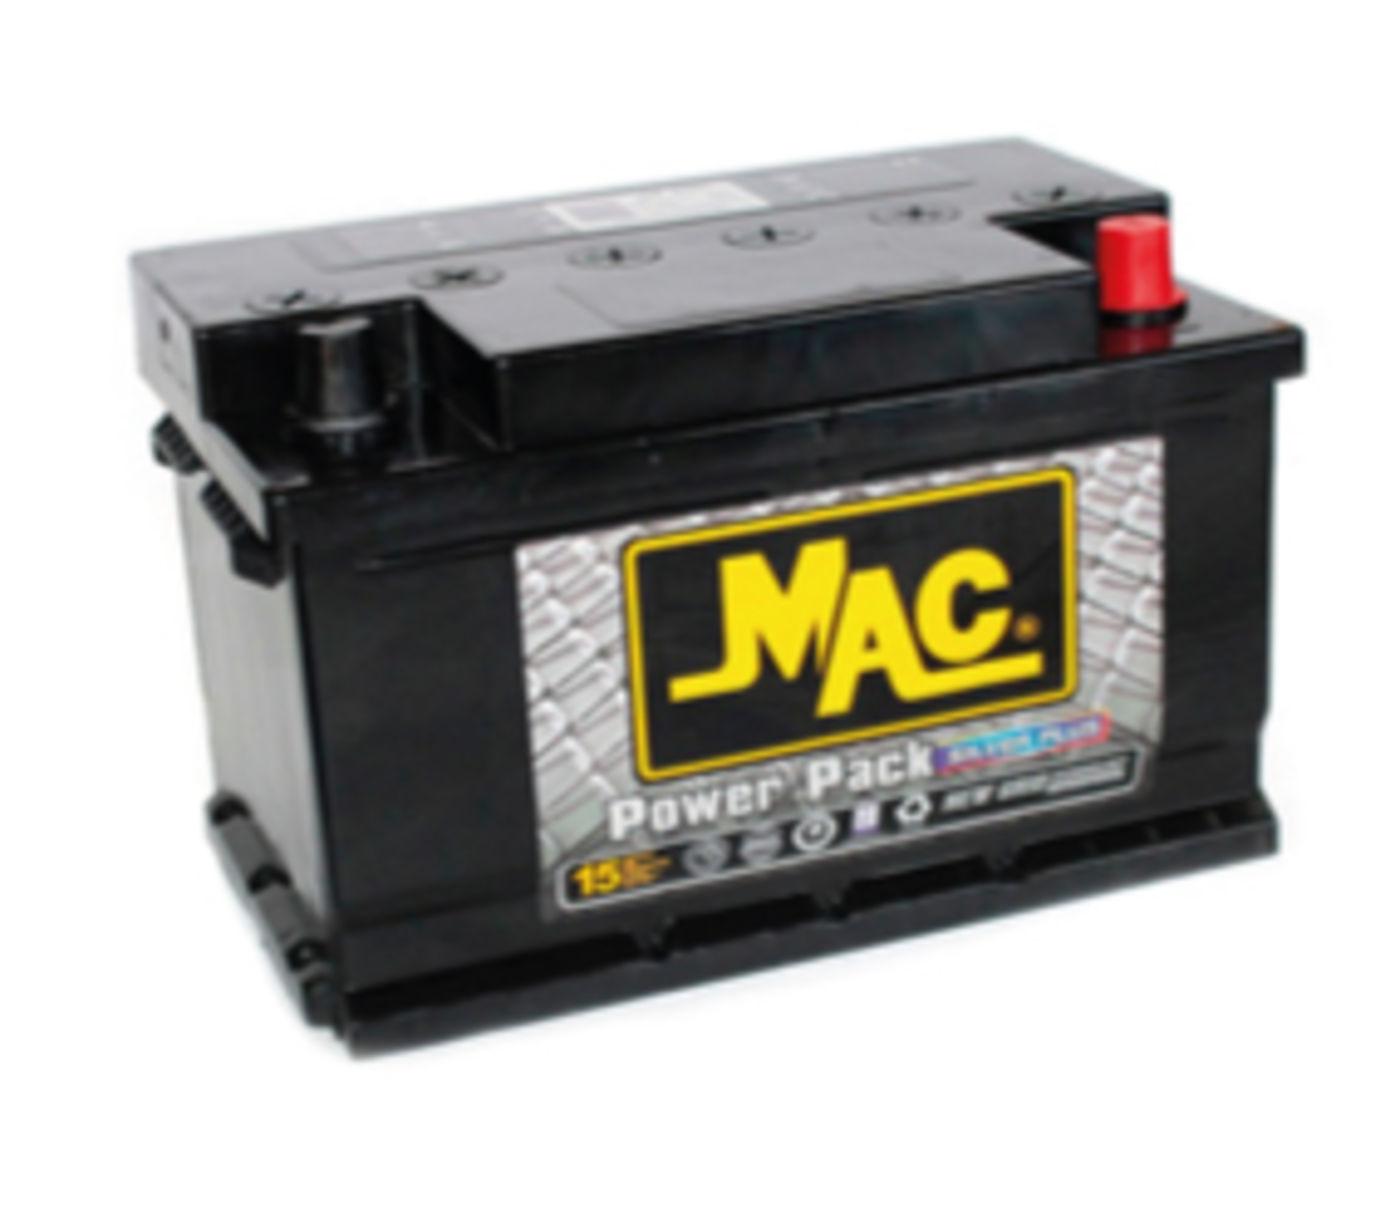 Mac 8D1600M